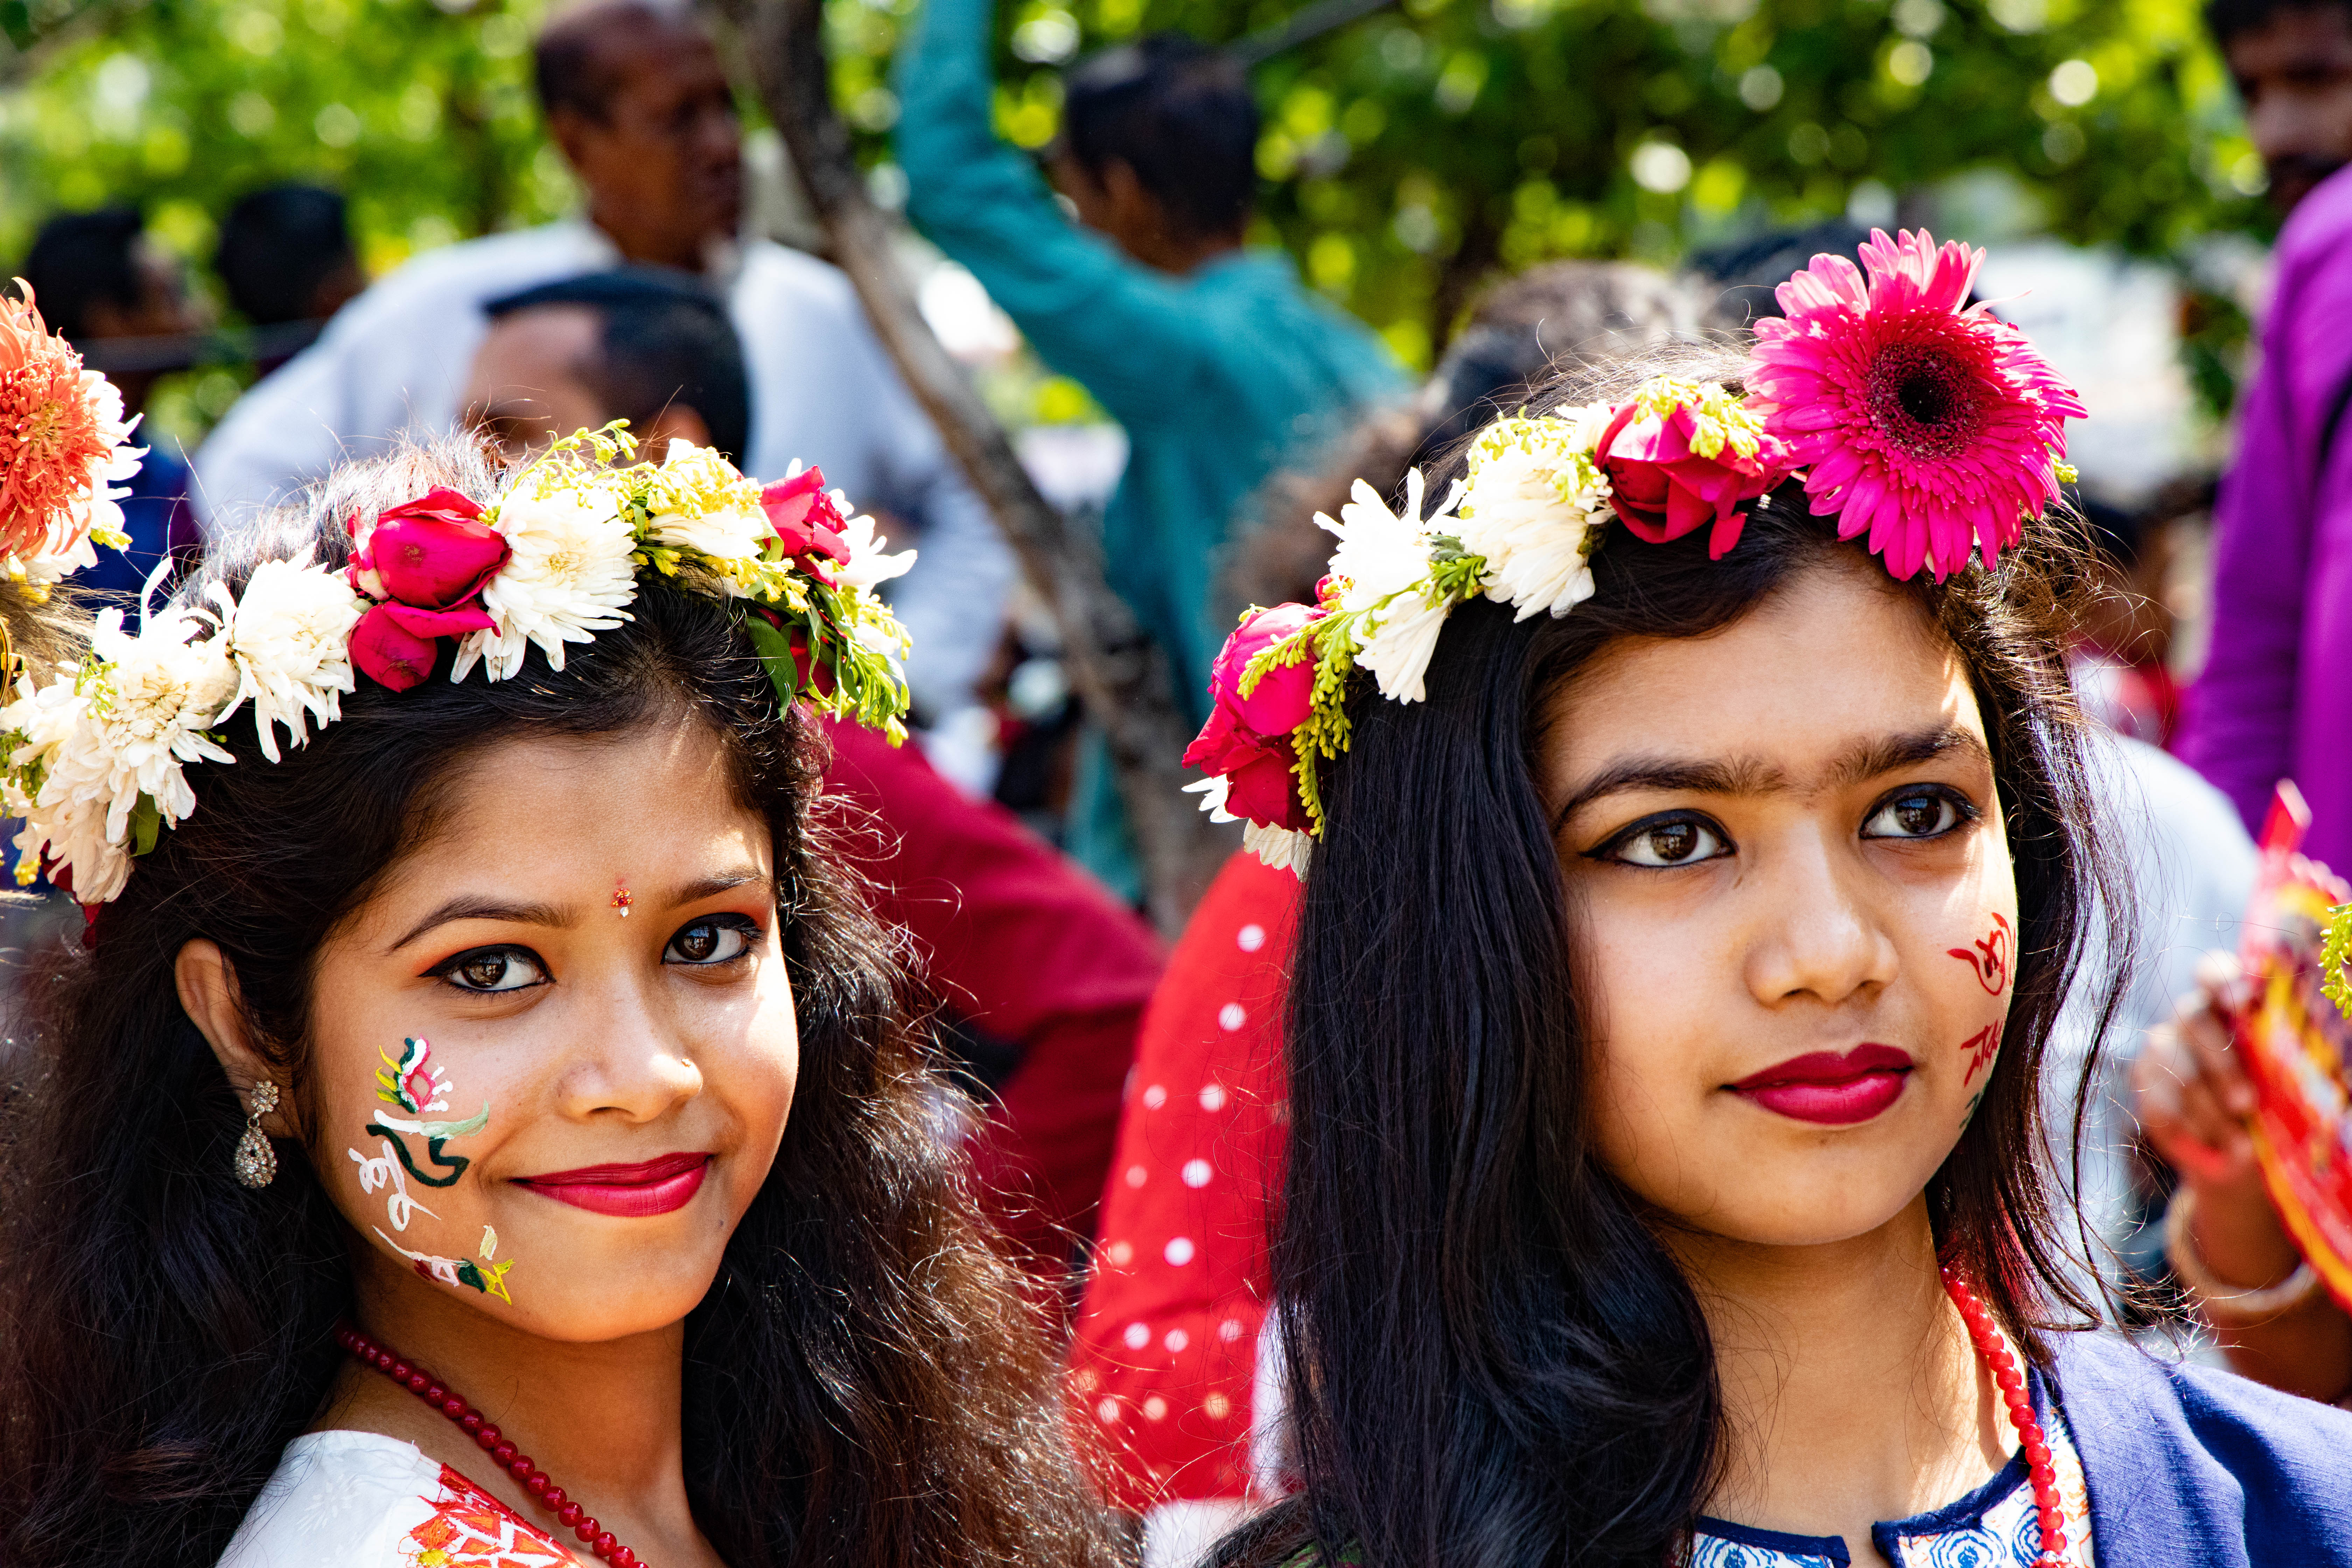 Bengali New Year Shuvo Noboborsho - Flower Crowns Girls